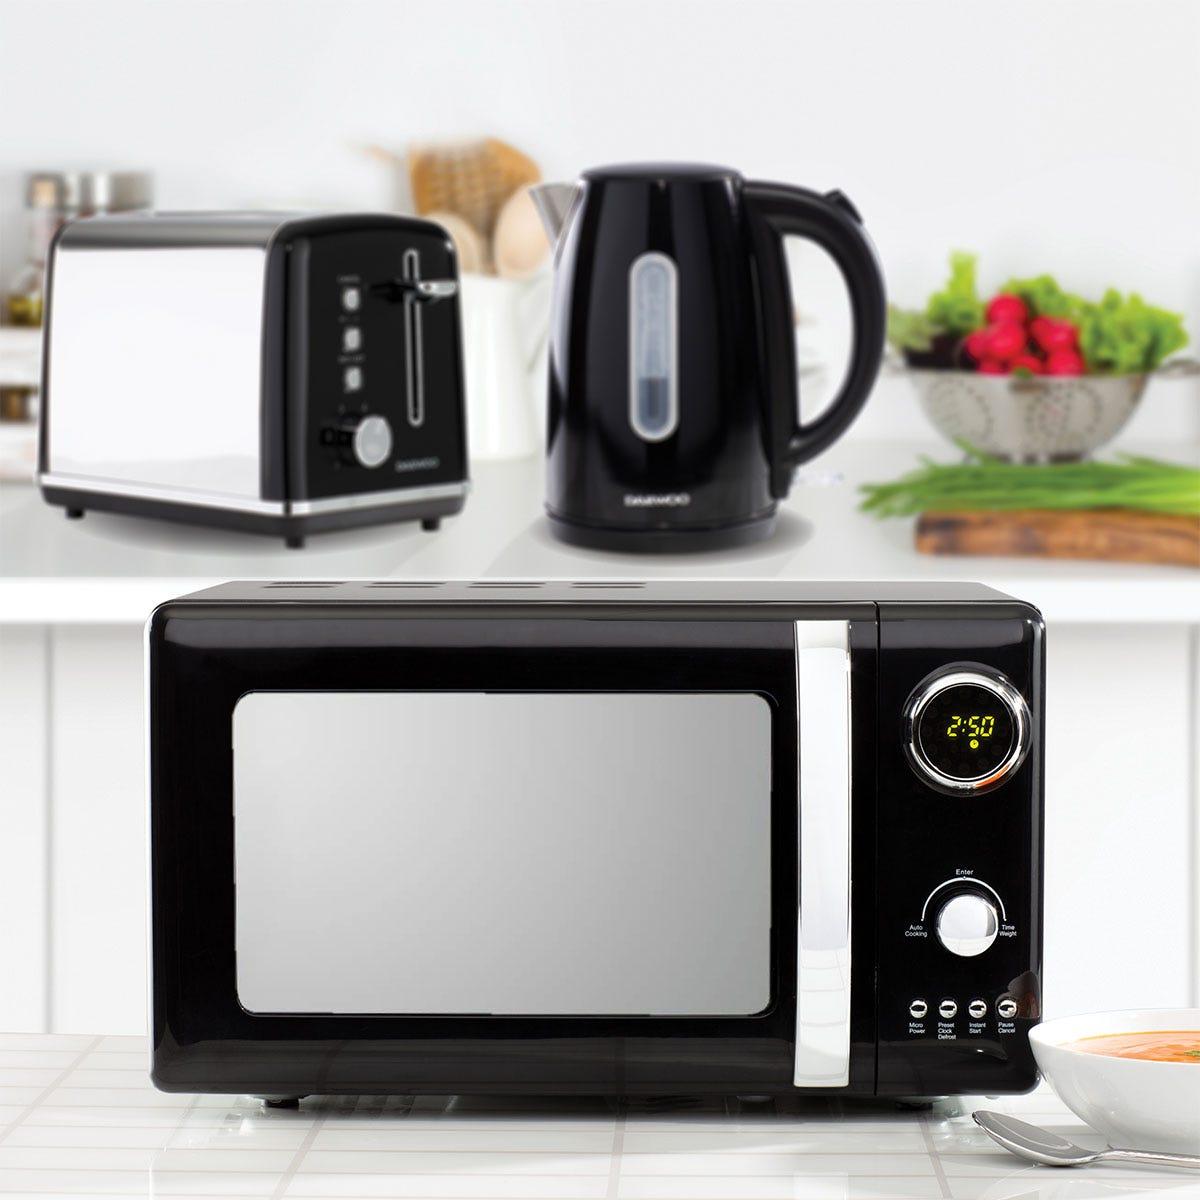 Daewoo Kensington SDA1684GE 1.7L 3KW Jug Kettle, Kensington SDA1583GE 2-Slice Toaster, and Kensington SDA1655GE 20L 800W Digital Microwave Bundle - Black